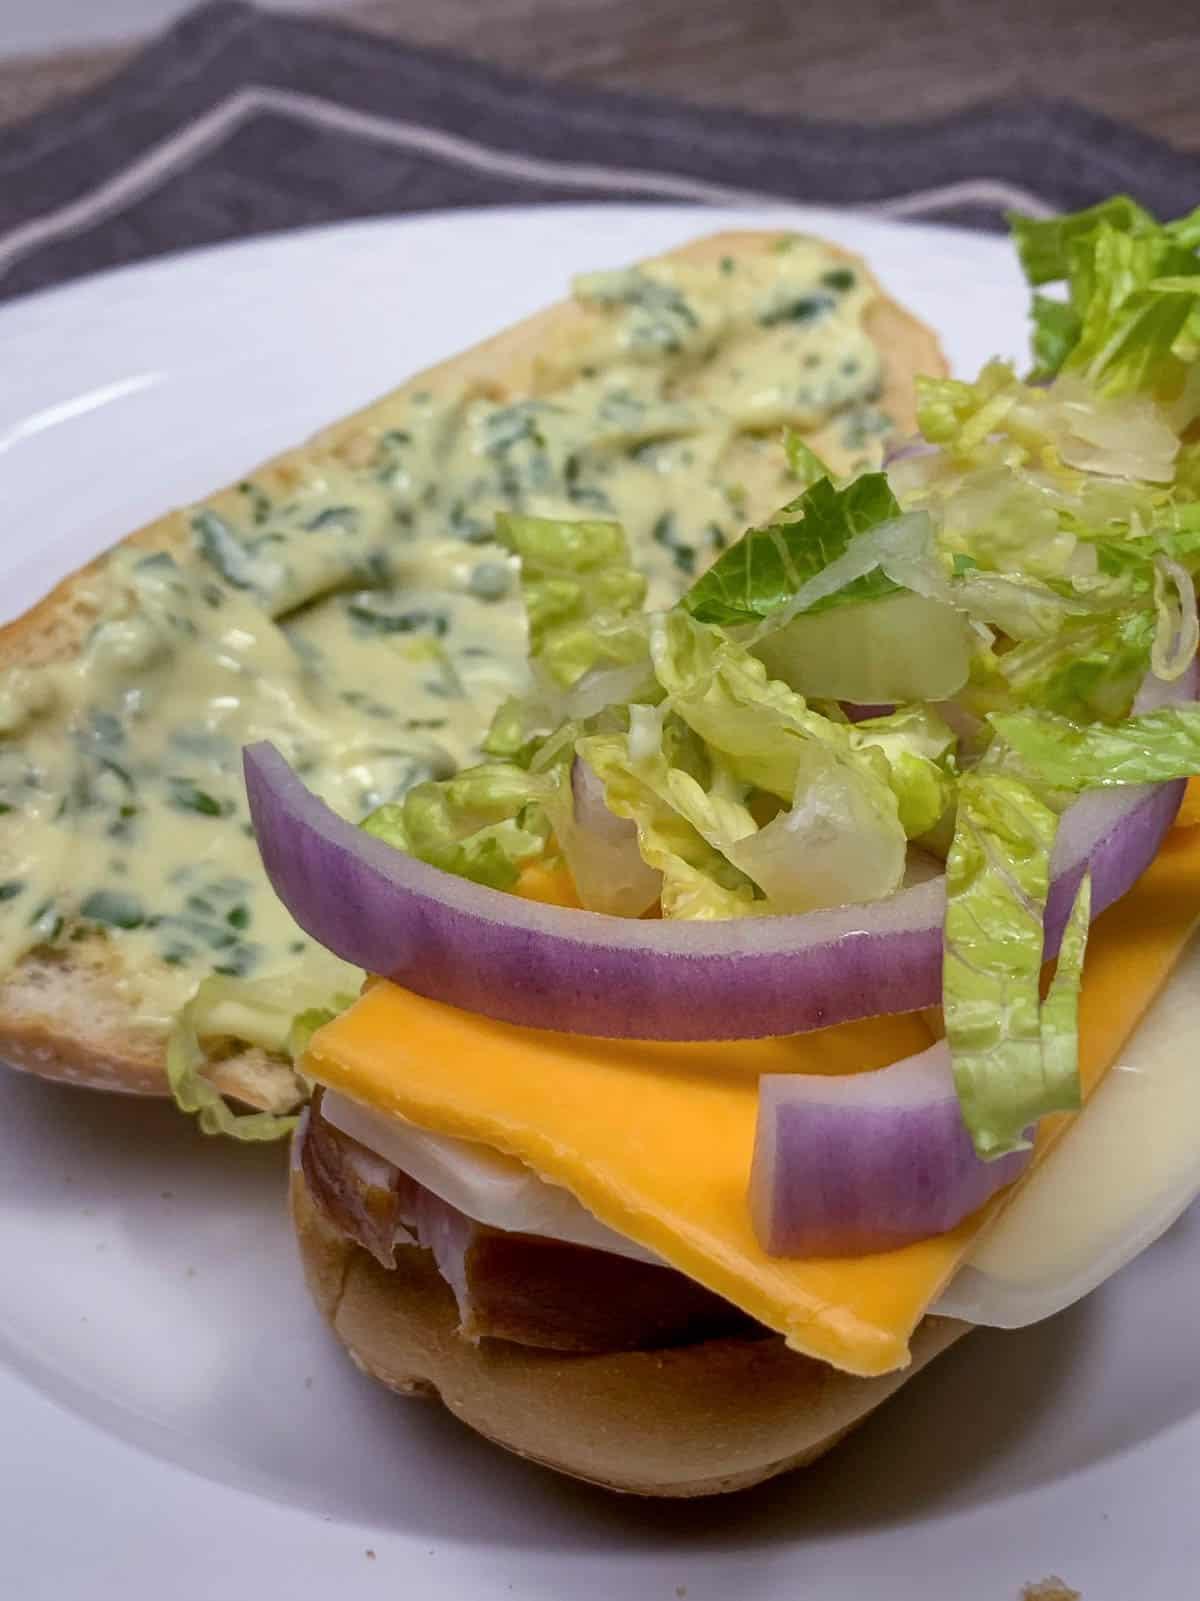 basil aioli on turkey sandwich